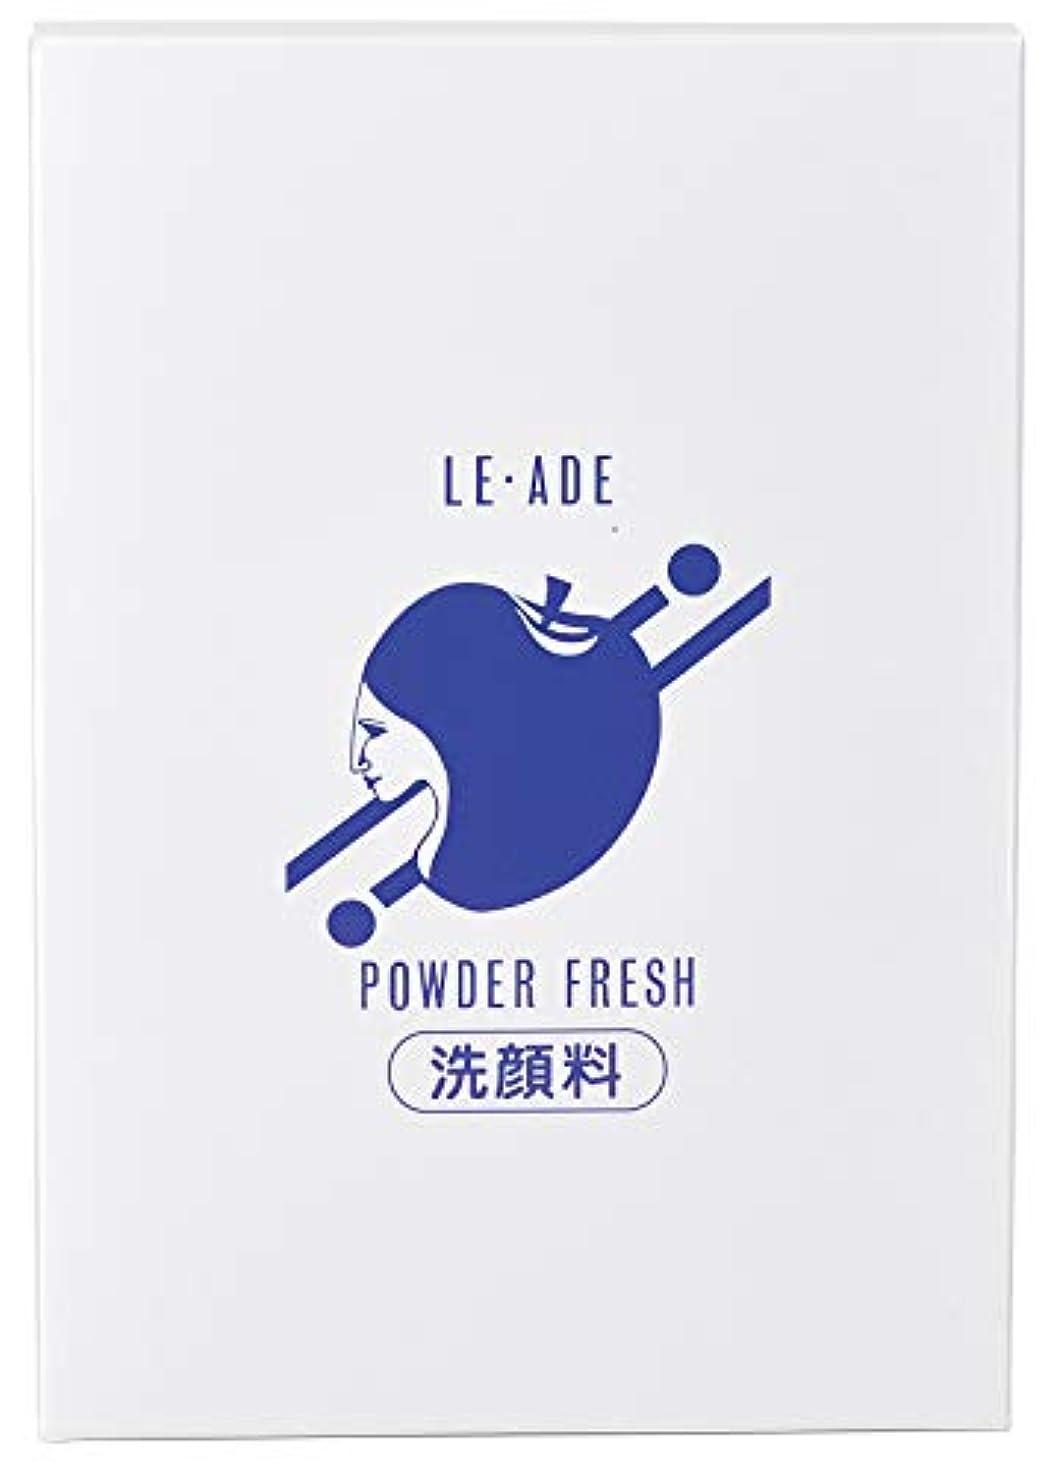 非難後者トランスペアレントル?アド 天然 酵素 洗顔料 パウダー フレッシュ 67g×3袋(201g 詰替用 大容量 徳用)